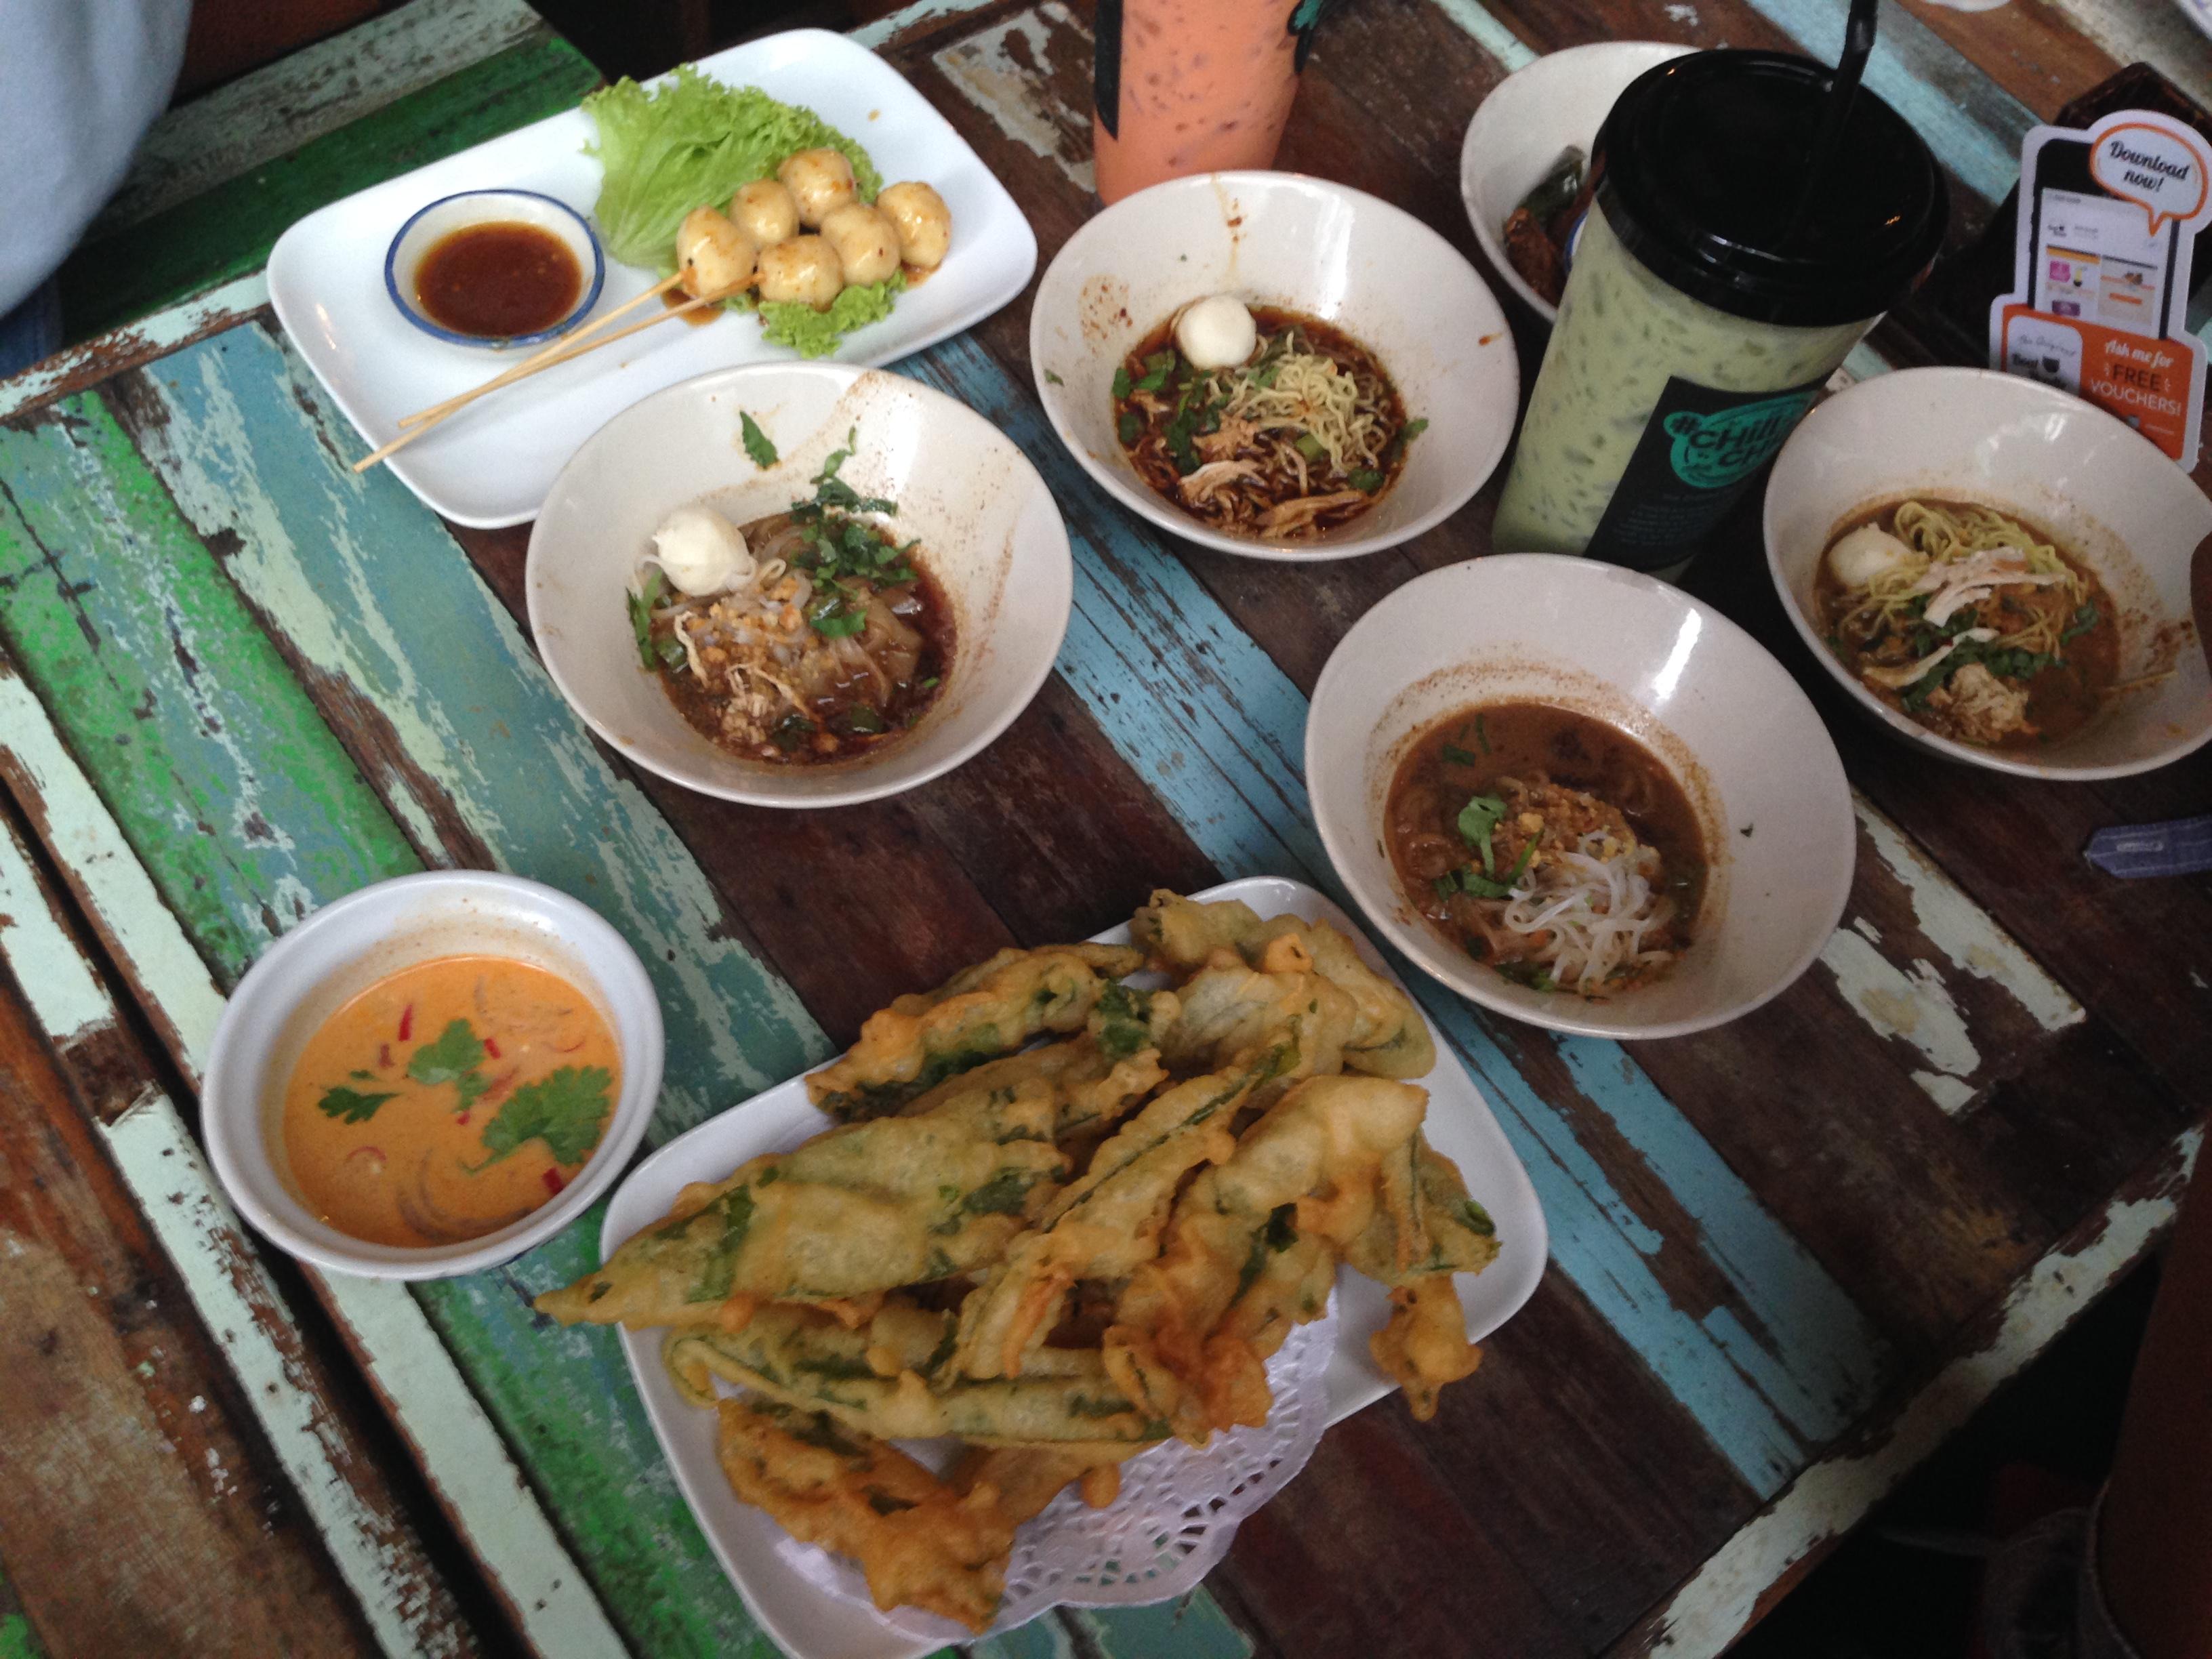 kedai makan sedap damansara my boat noodle empire, apps noodle percuma